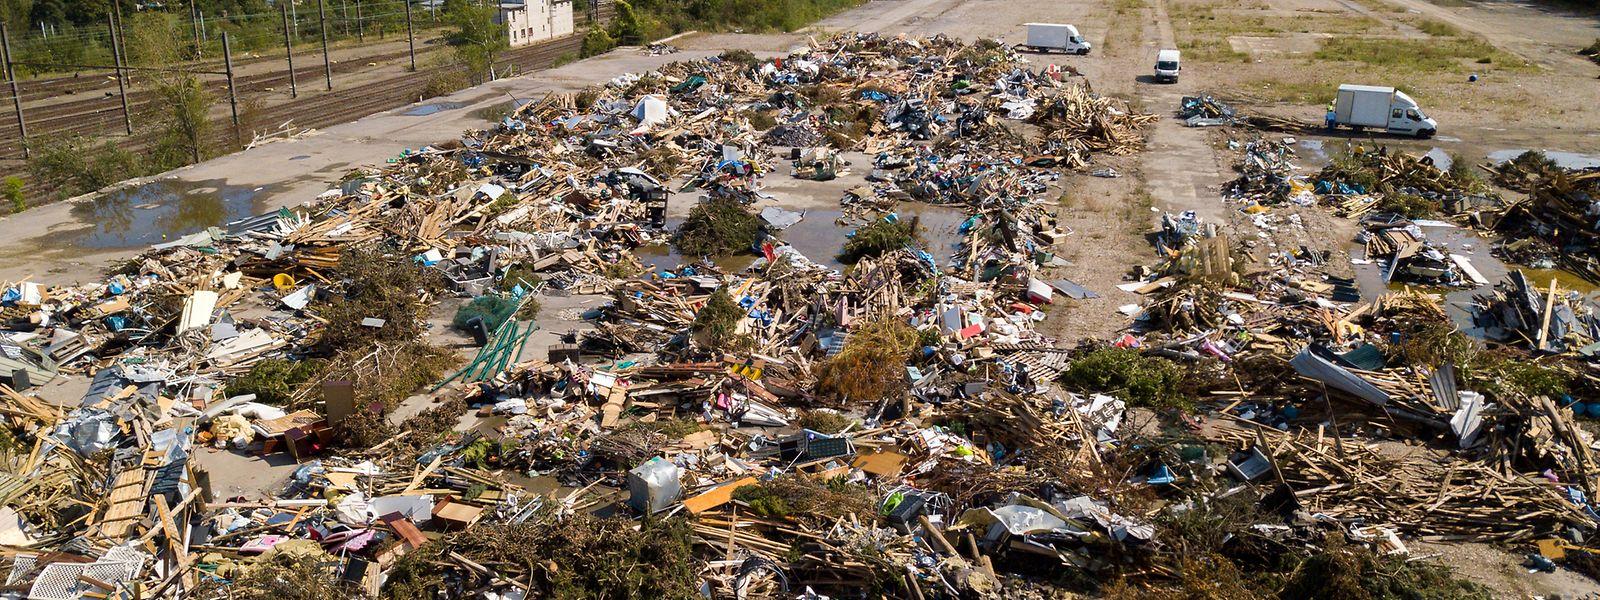 Les déchets de la tornade sont regroupés pour le moment sur le site d'Ecosider, futur écoquartier qui prendra place sur les vestiges de l'ancien site industriel.